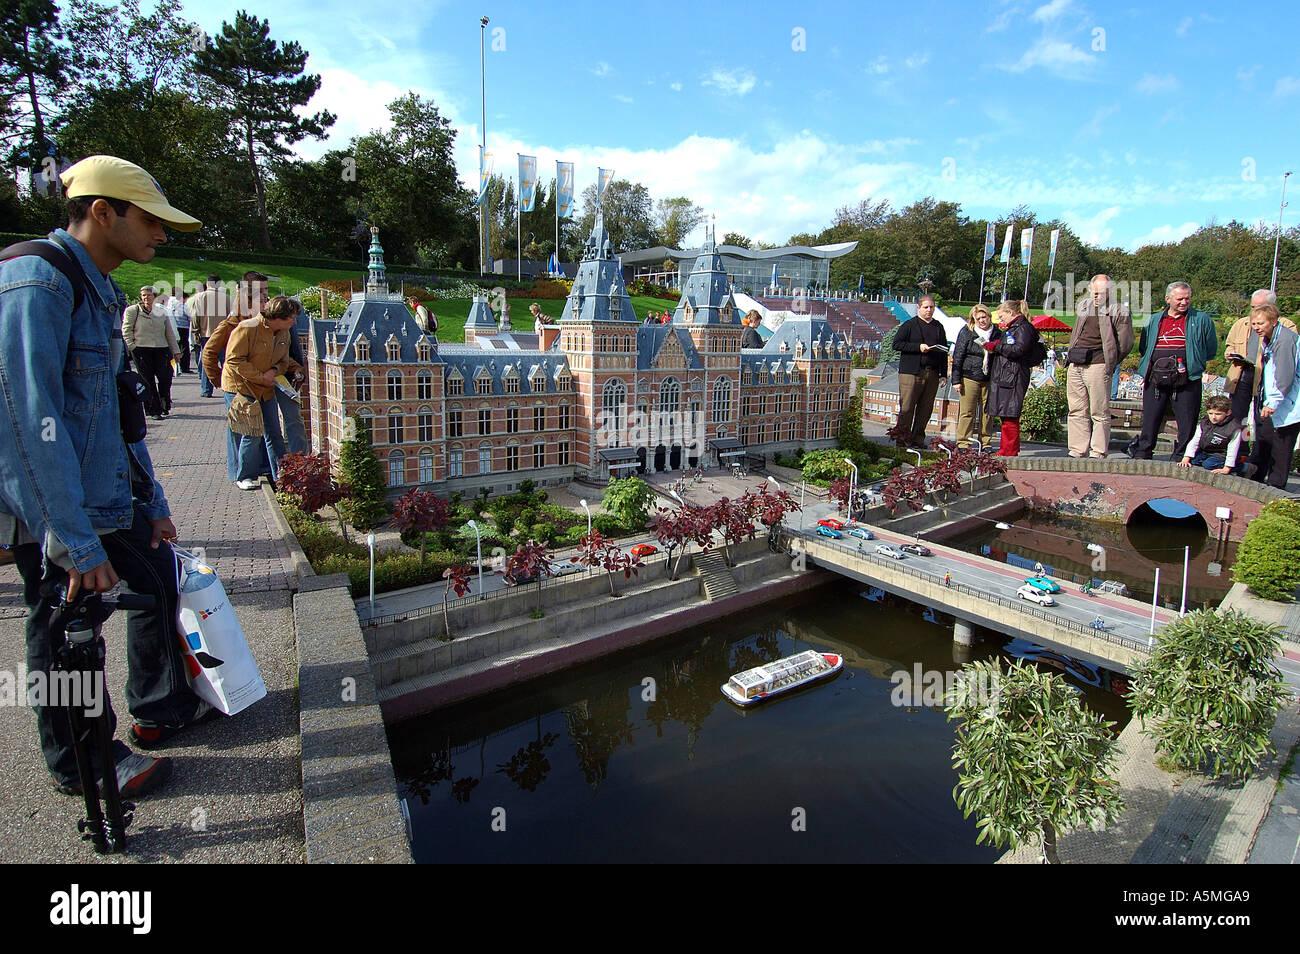 Gruppenhuser Niederlande: Gruppenreisen und